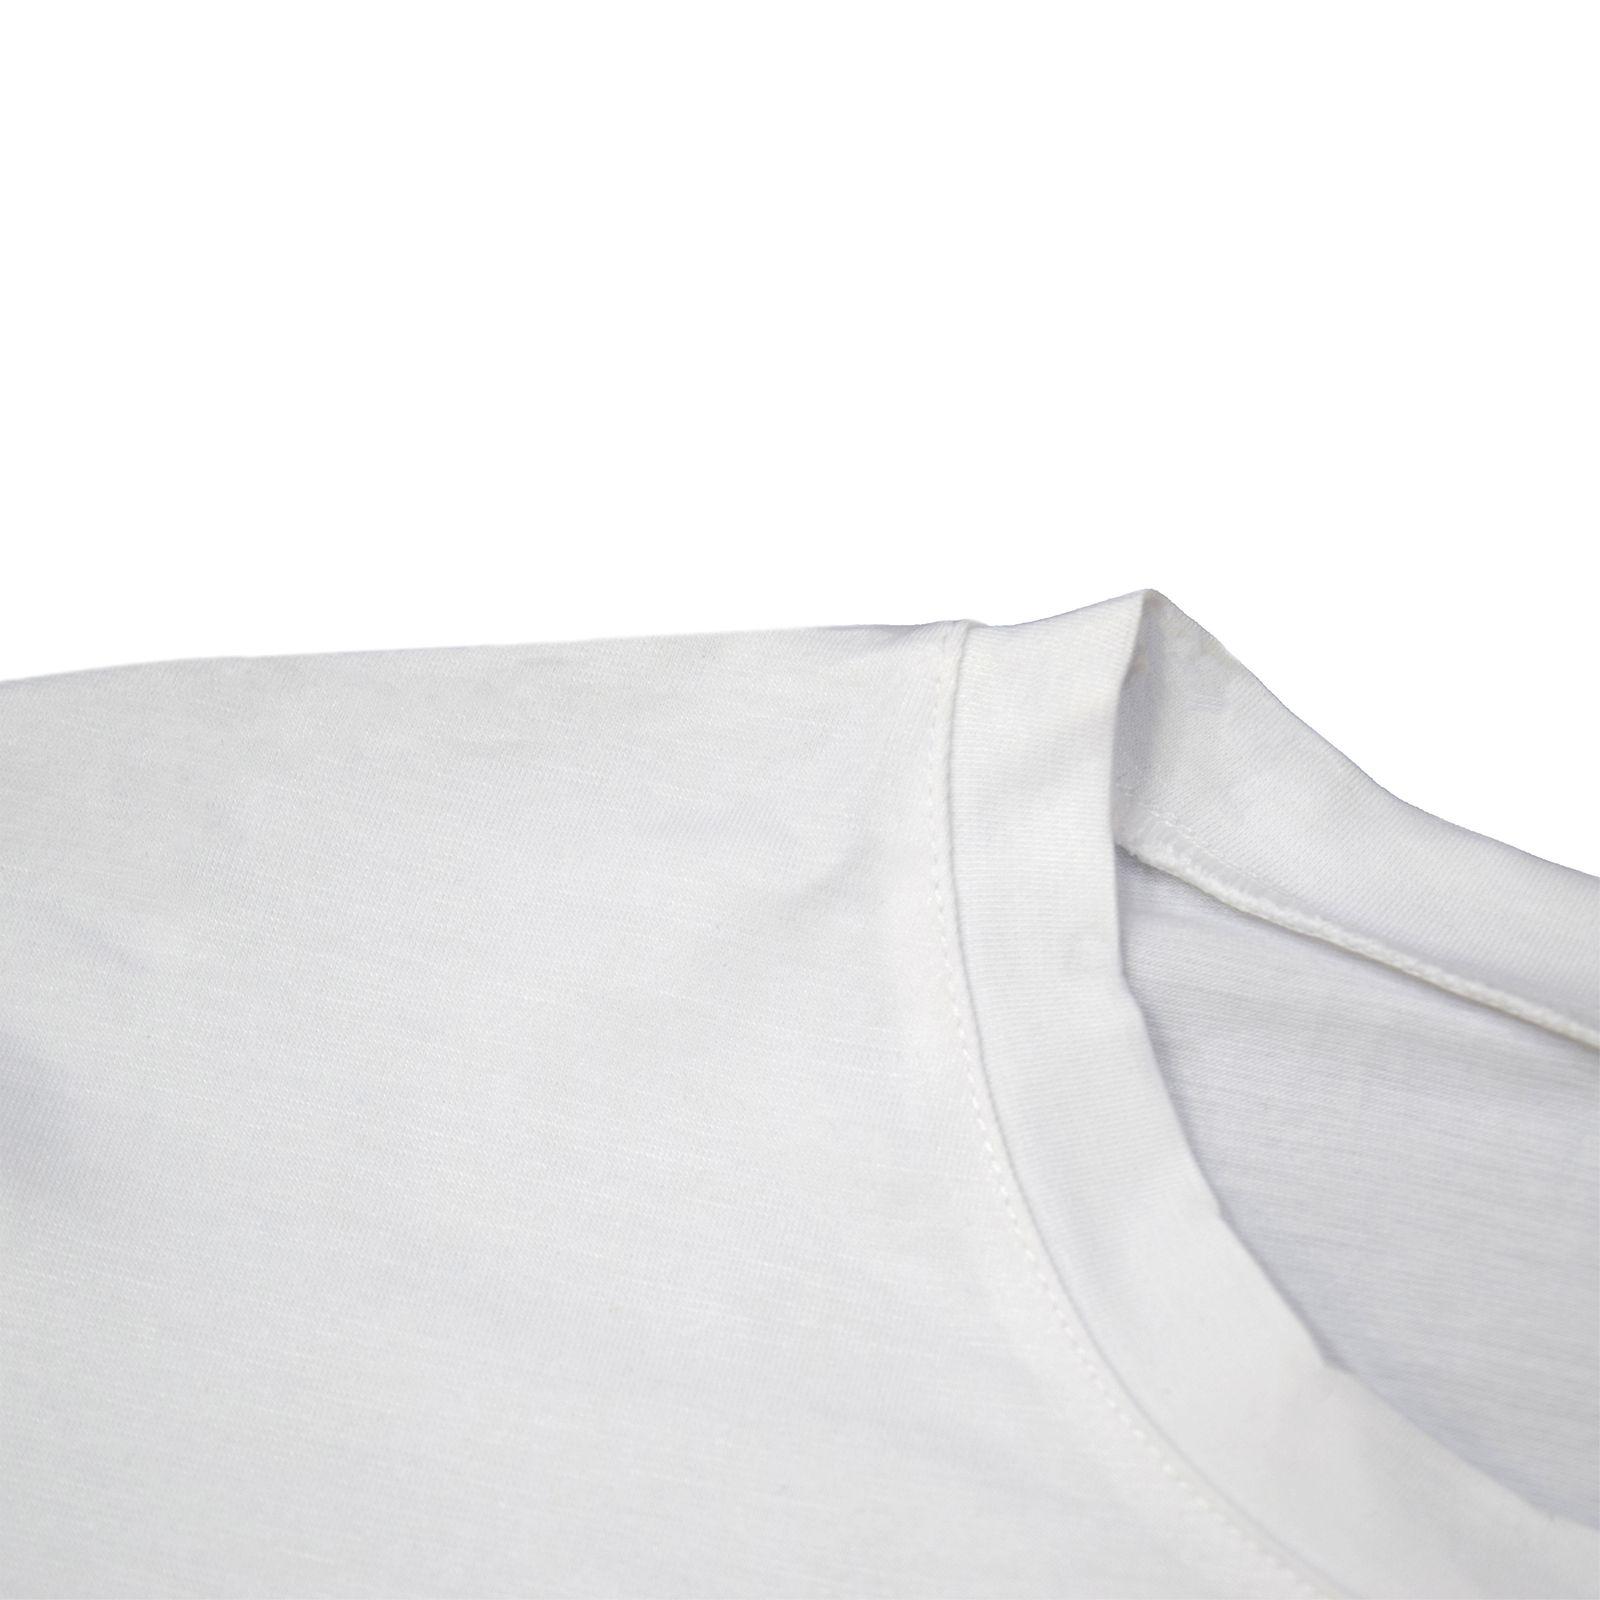 تی شرت آستین کوتاه زنانه طرح فضانورد کد Z381 -  - 4